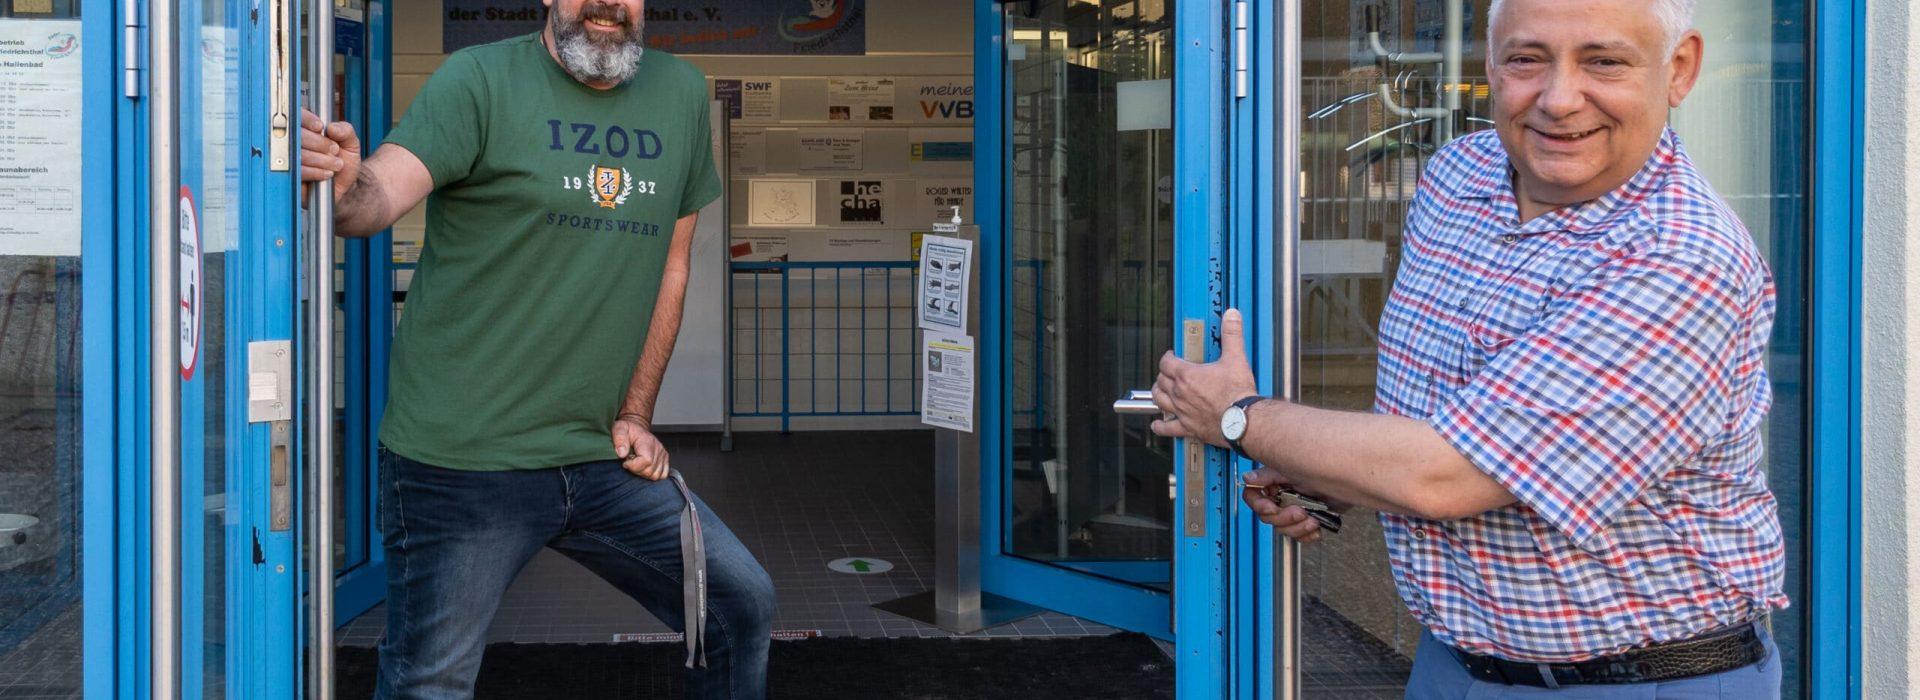 Schwimmeister Sascha Baumert und Bürgermeister Jung heißen Sie willkommen